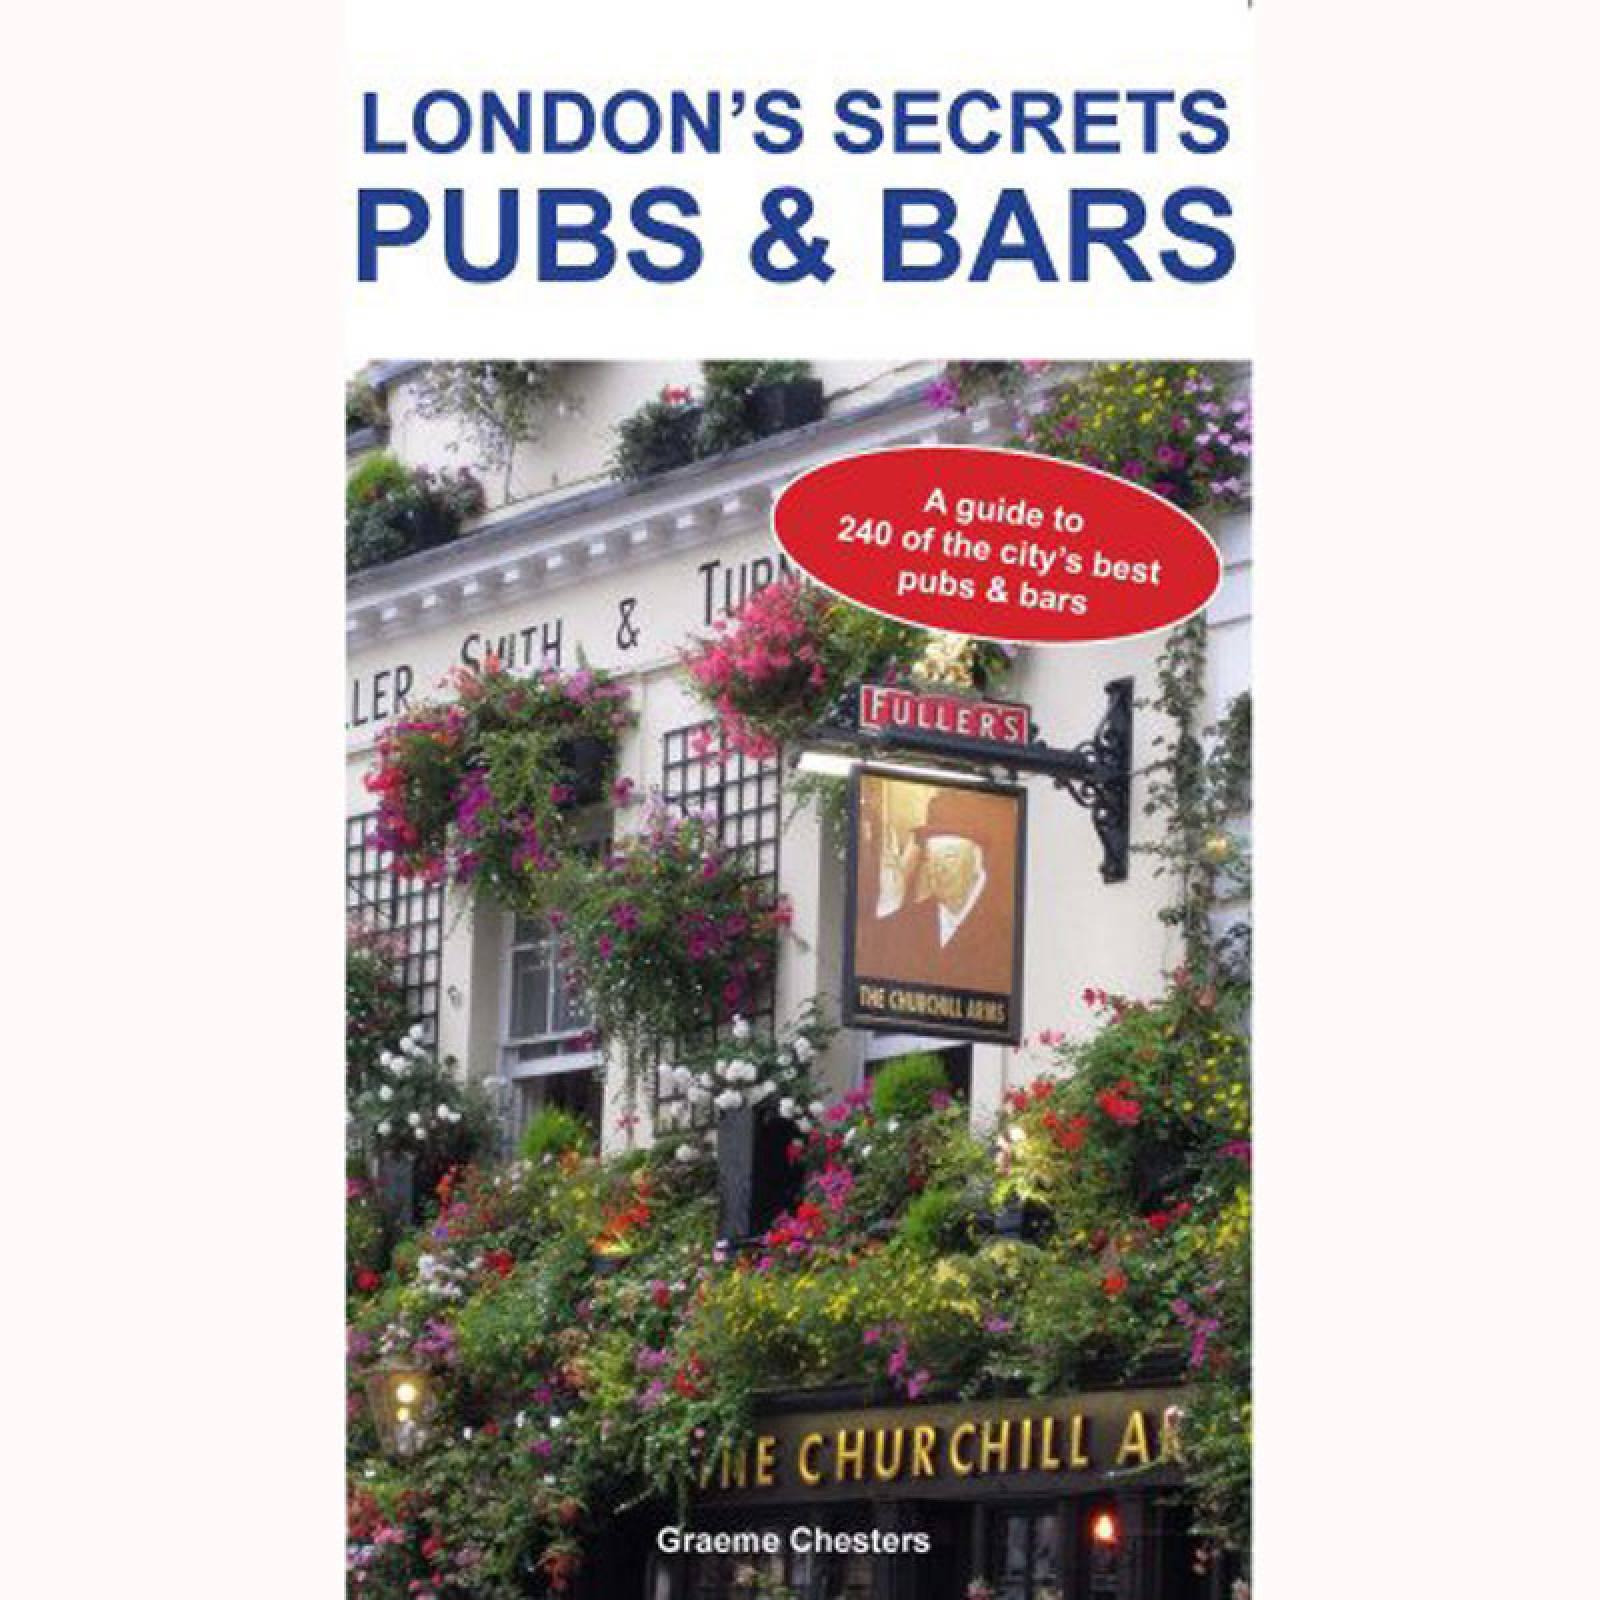 London's Secrets: Pubs & Bars - Paperback Book